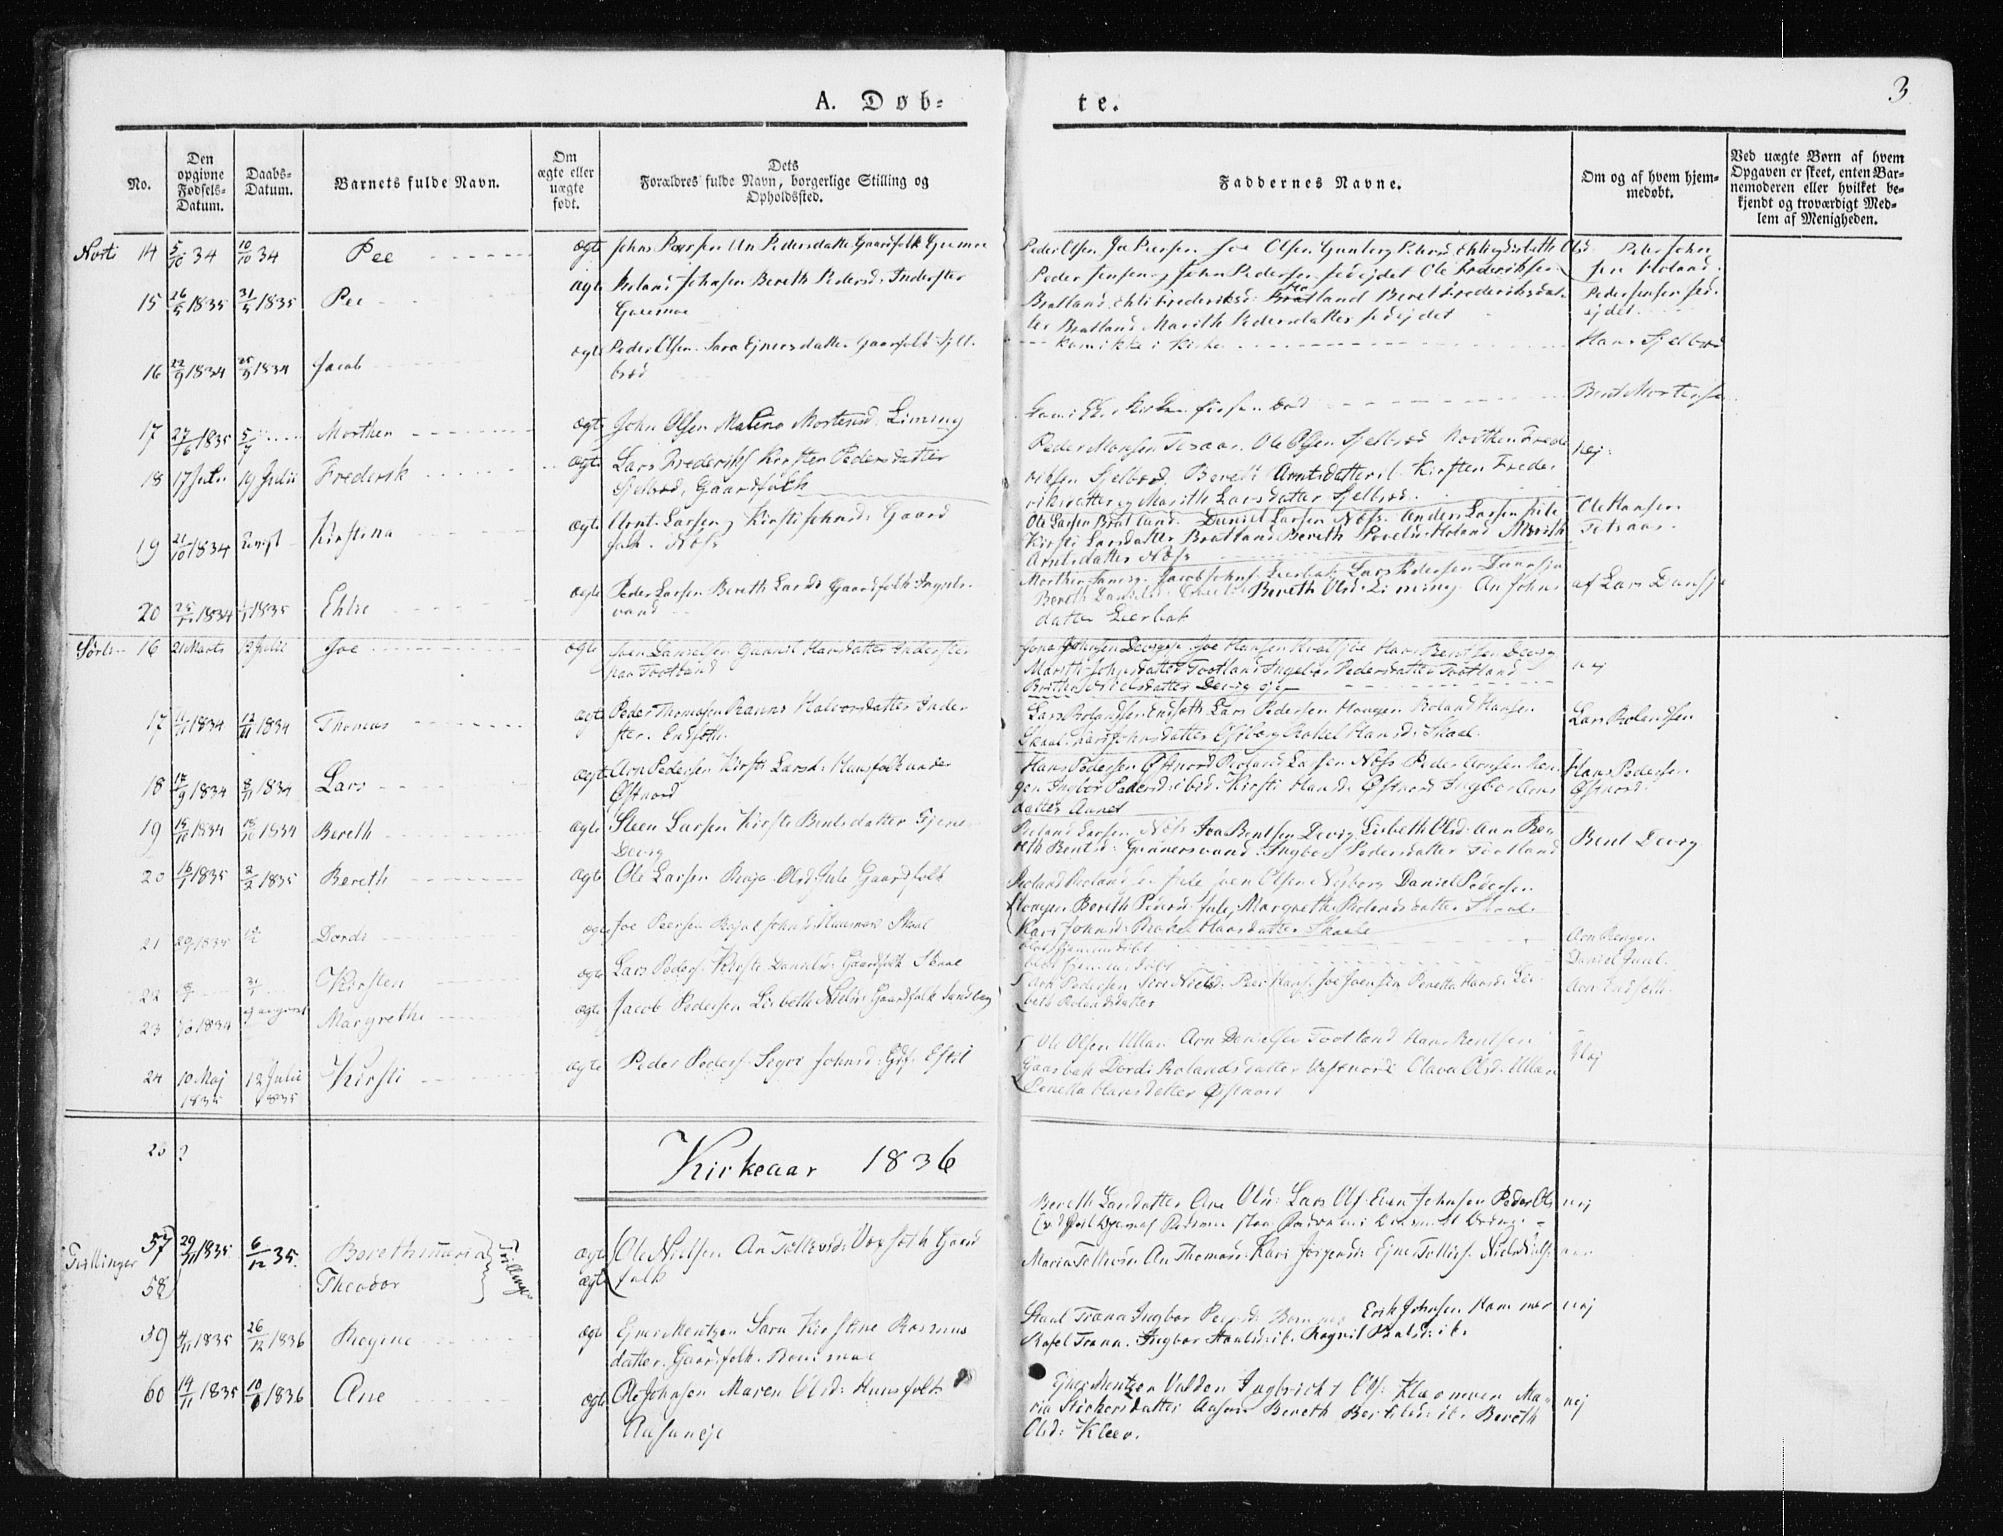 SAT, Ministerialprotokoller, klokkerbøker og fødselsregistre - Nord-Trøndelag, 749/L0470: Ministerialbok nr. 749A04, 1834-1853, s. 3